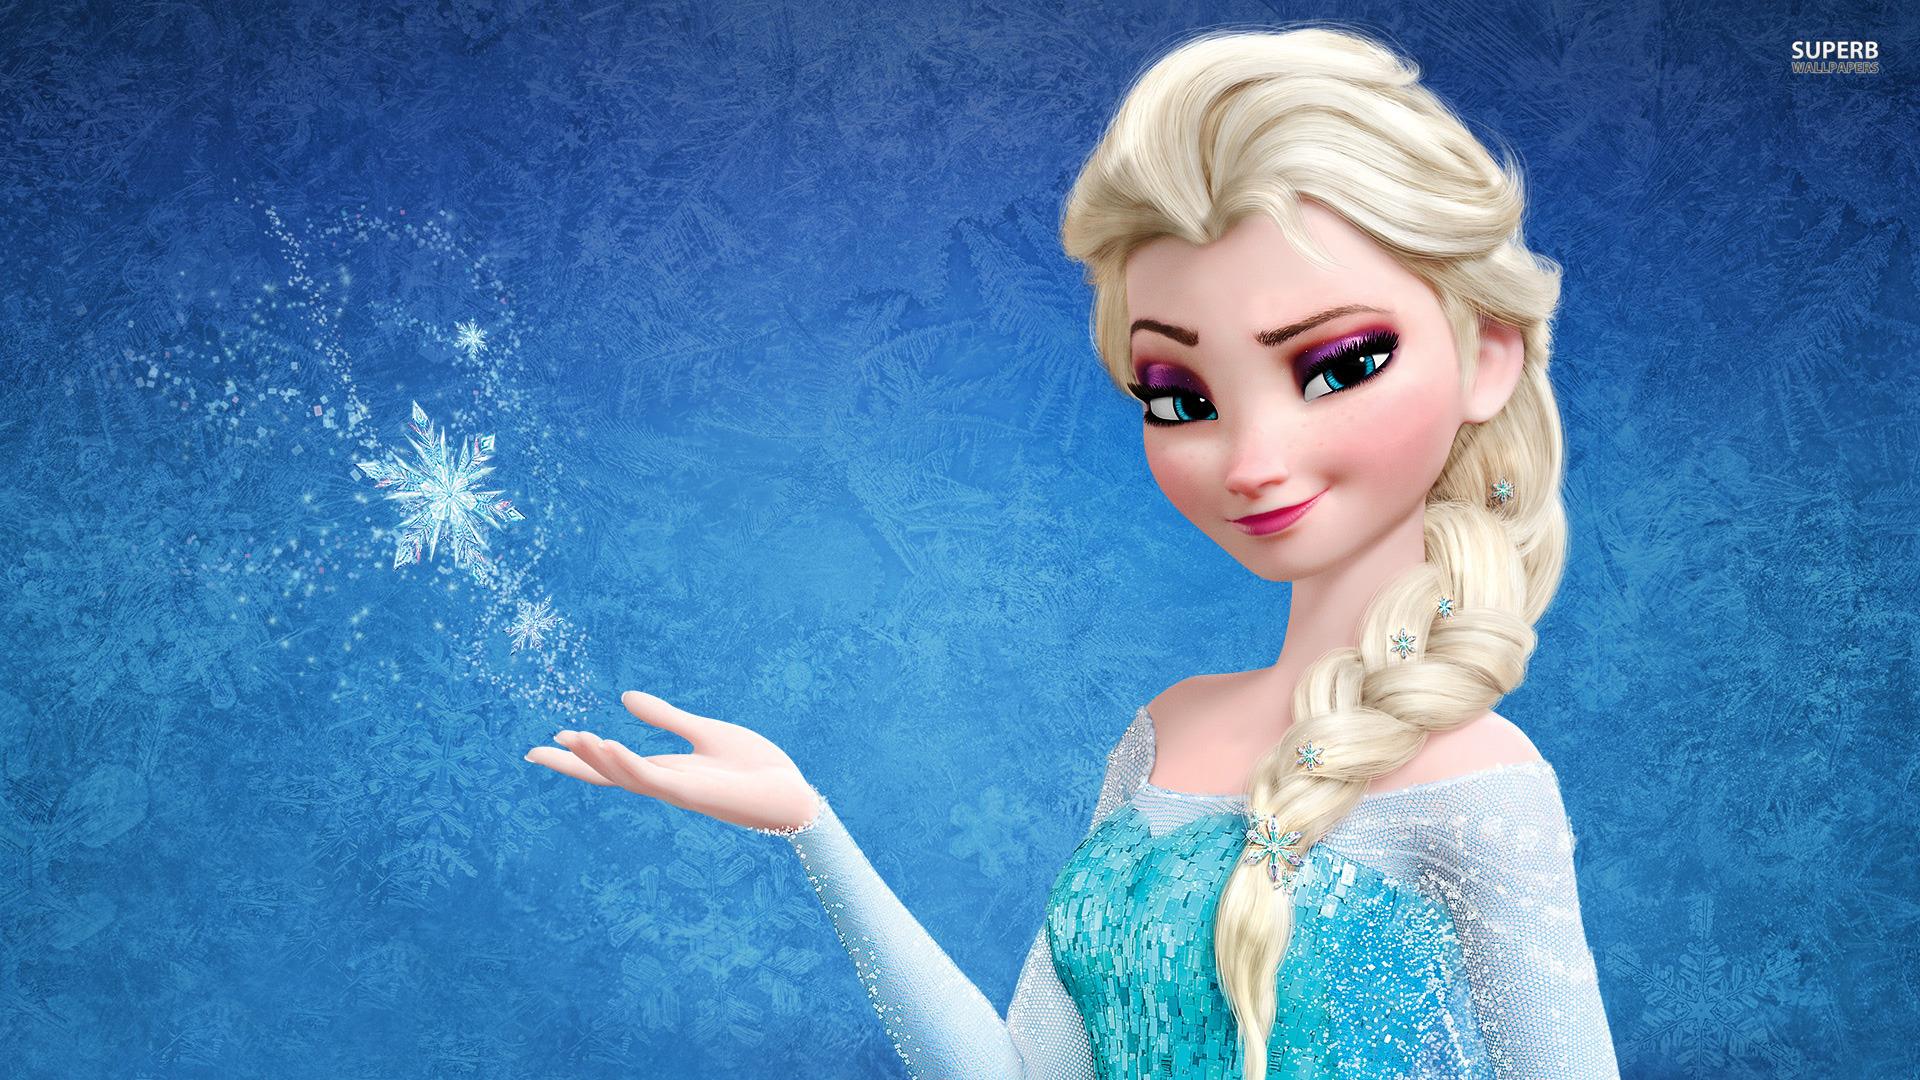 ELSA 《冰雪奇缘》